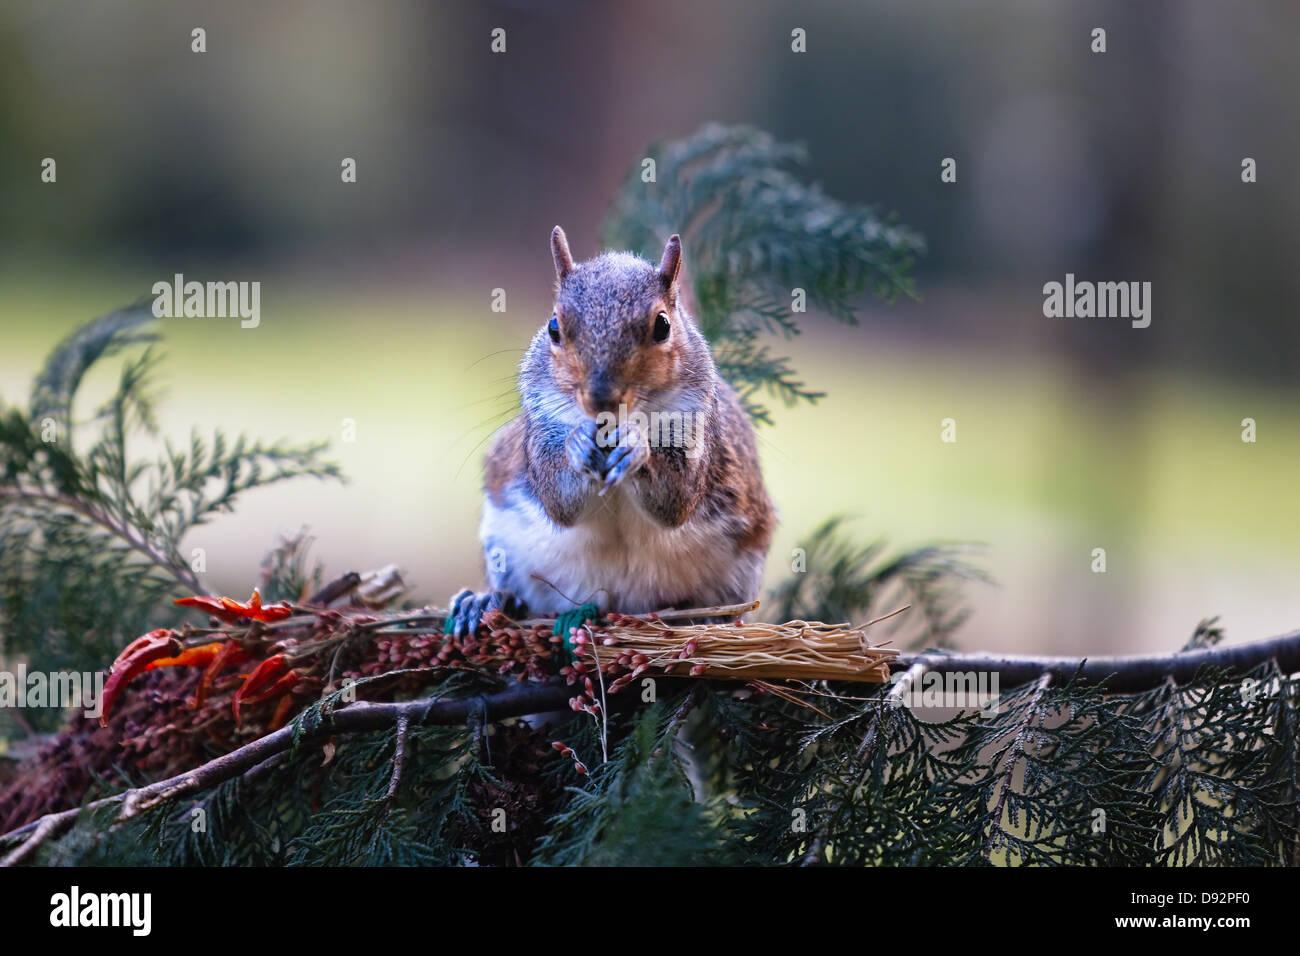 Un albero scoiattolo è mangiare i dadi su un ramo di albero Immagini Stock